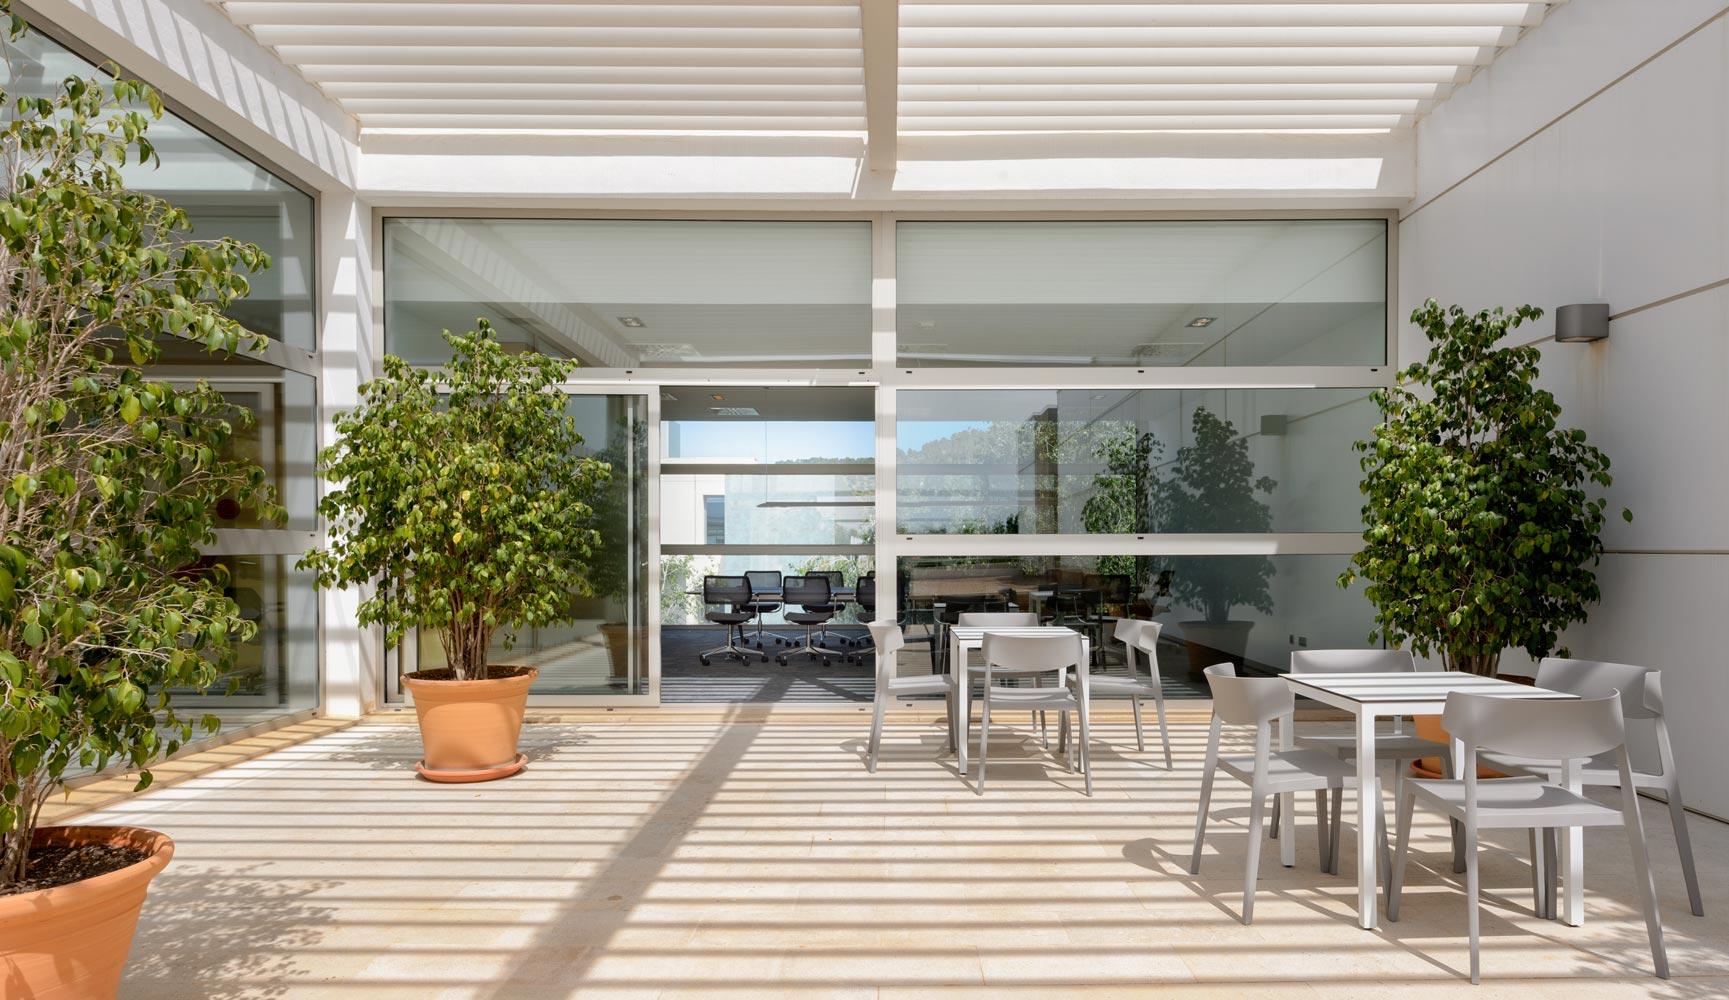 Trabajos-fotográficos-en-Ibiza-para-arquitectos-constructoras-diseñadores-de-interiores_29